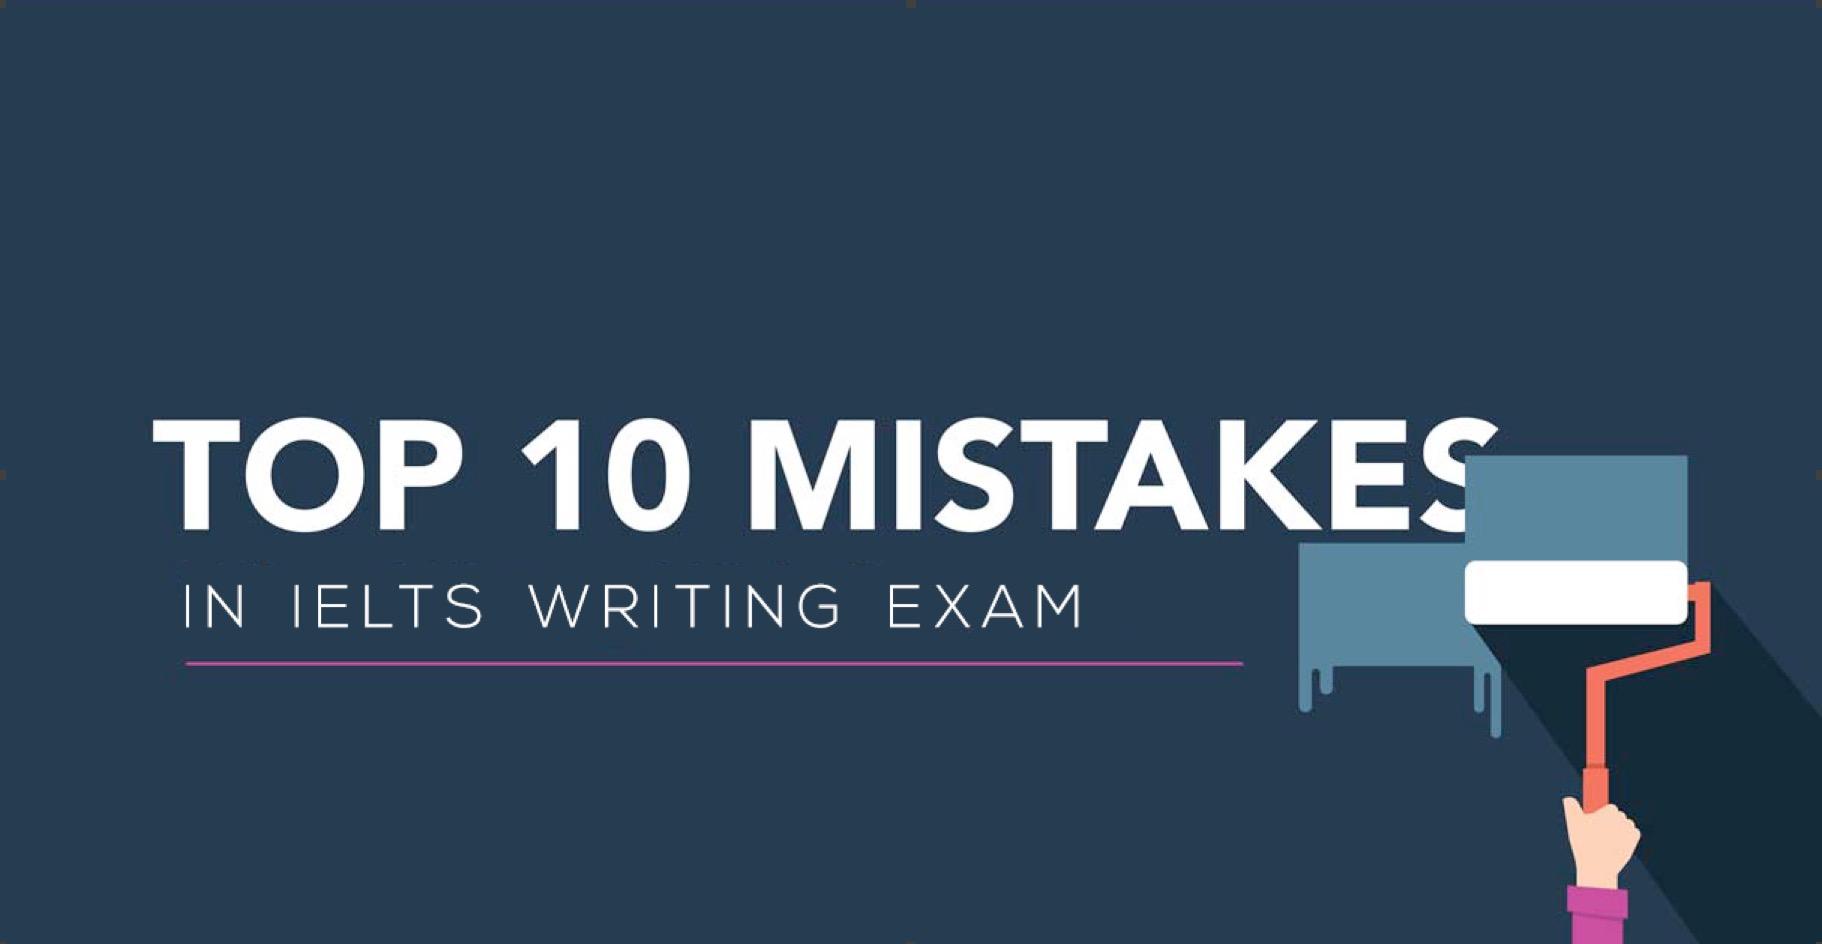 هذه الـ١٠ أخطاء تنقص درجتك في الكتابة في اختبار الايلتس بشكل رهيب!